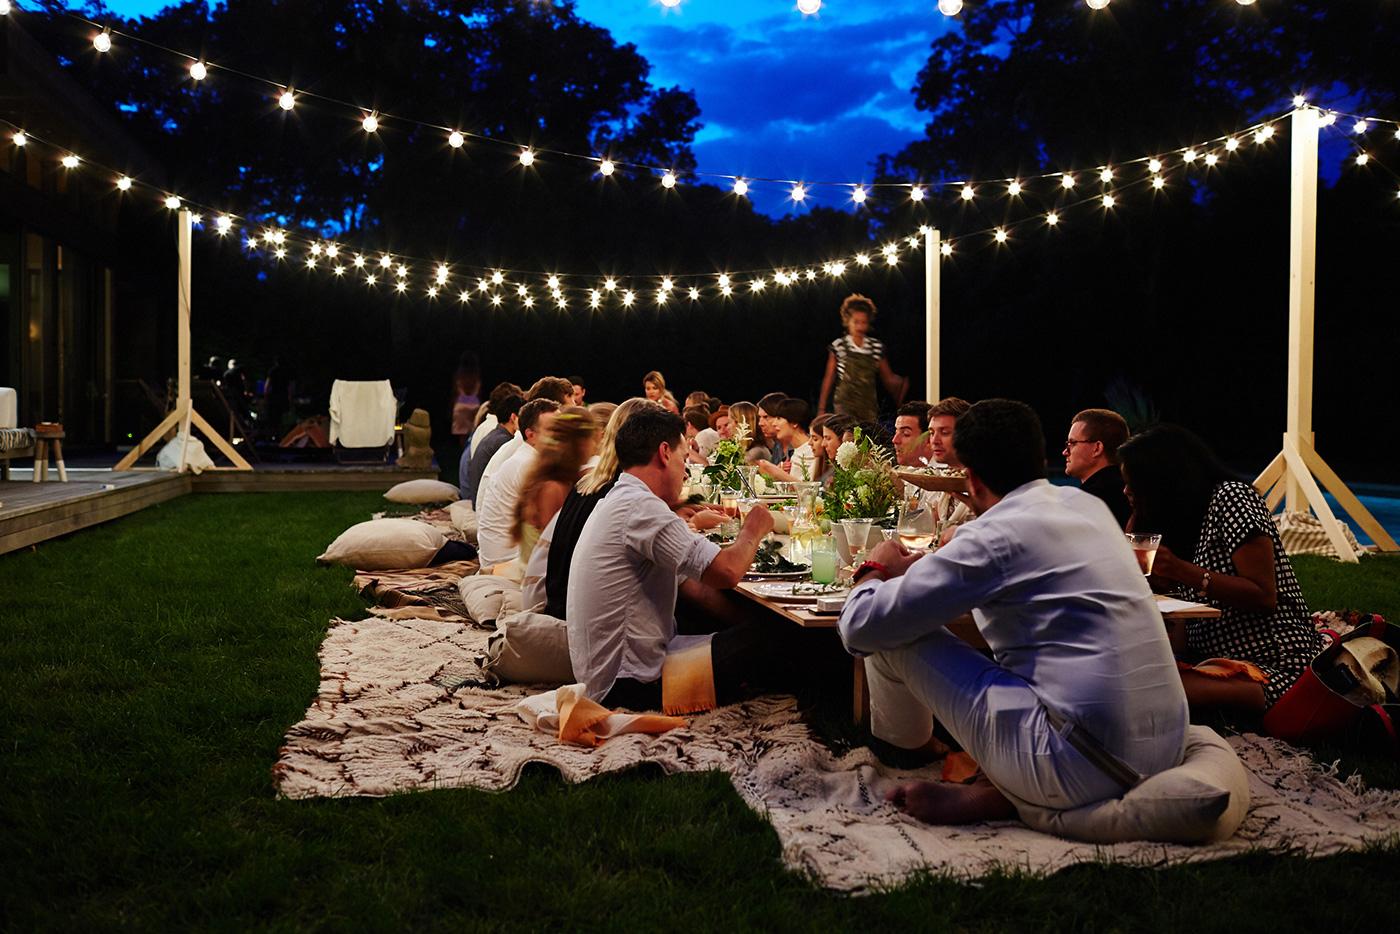 好友聚会_一起和来自世界各地的朋友们,共赴旅途中难忘美食聚会吧!